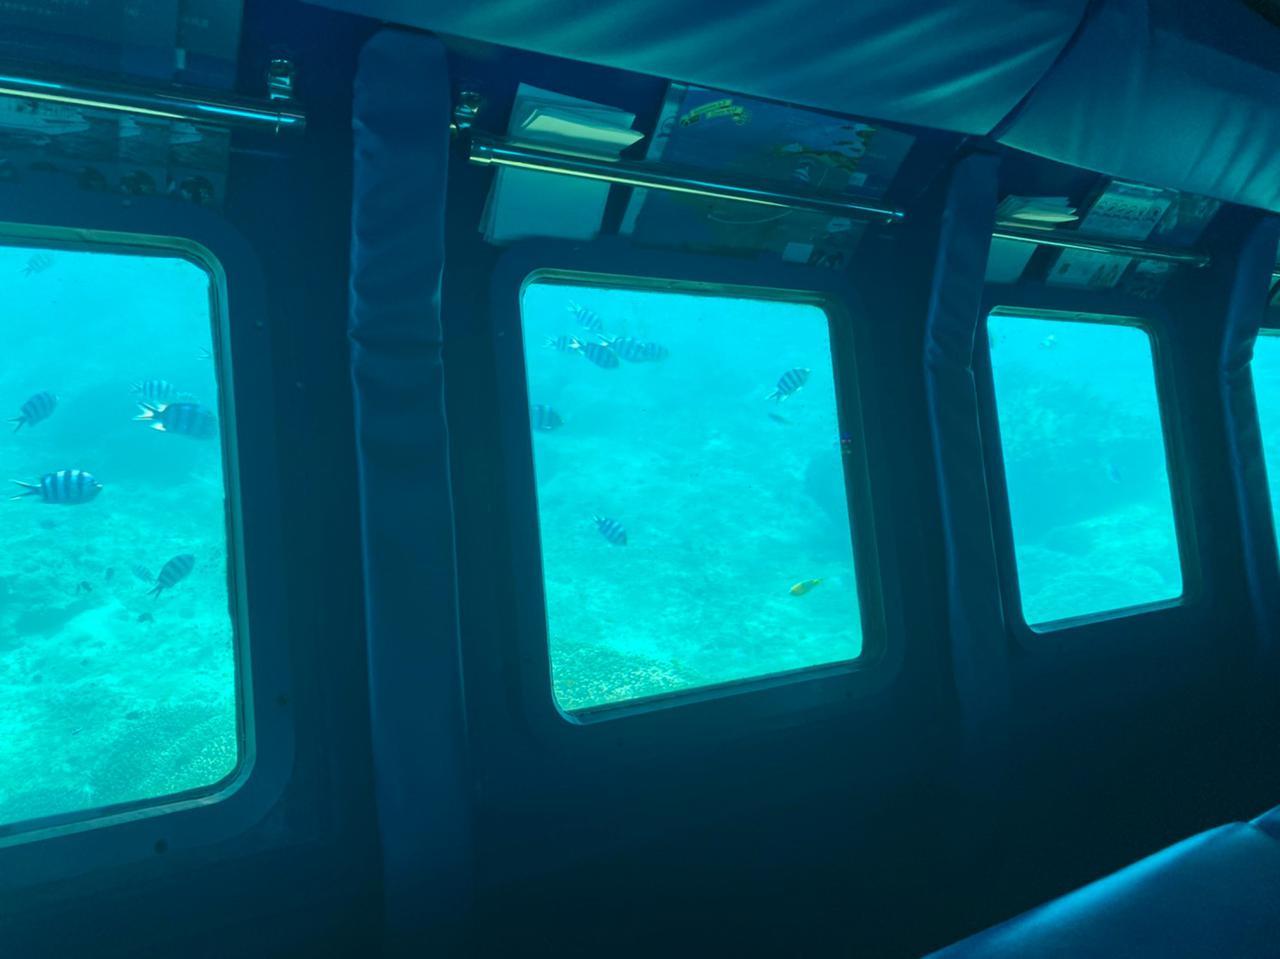 画像: 沖縄本島に行くなら絶対に乗ったほうがいい!サブマリンJr.Ⅱ